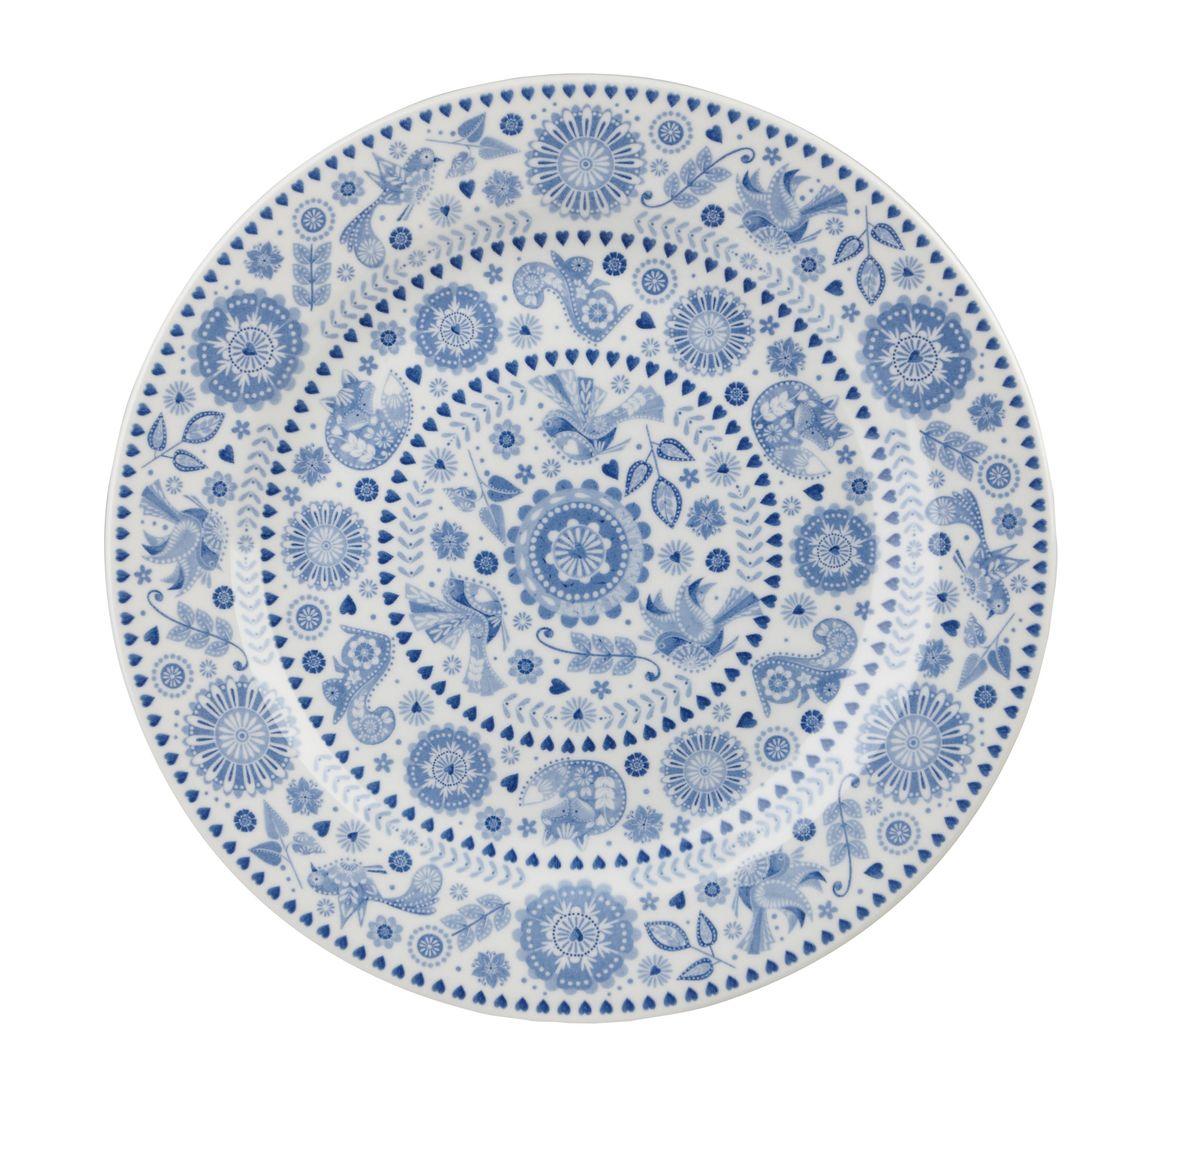 Тарелка десертная Churchill Пензанс, диаметр 20 см. PENZ00161115510Тарелка Churchill Пензанс выполнена из высококачественного фаянса и украшена оригинальным узором. Такая тарелка отлично подойдет для подачи различных десертов. Коллекция Penzance - классическое сочетание синего и белого с народным дизайном. Можно мыть в посудомоечной машине. Можно использовать в микроволновой печи.